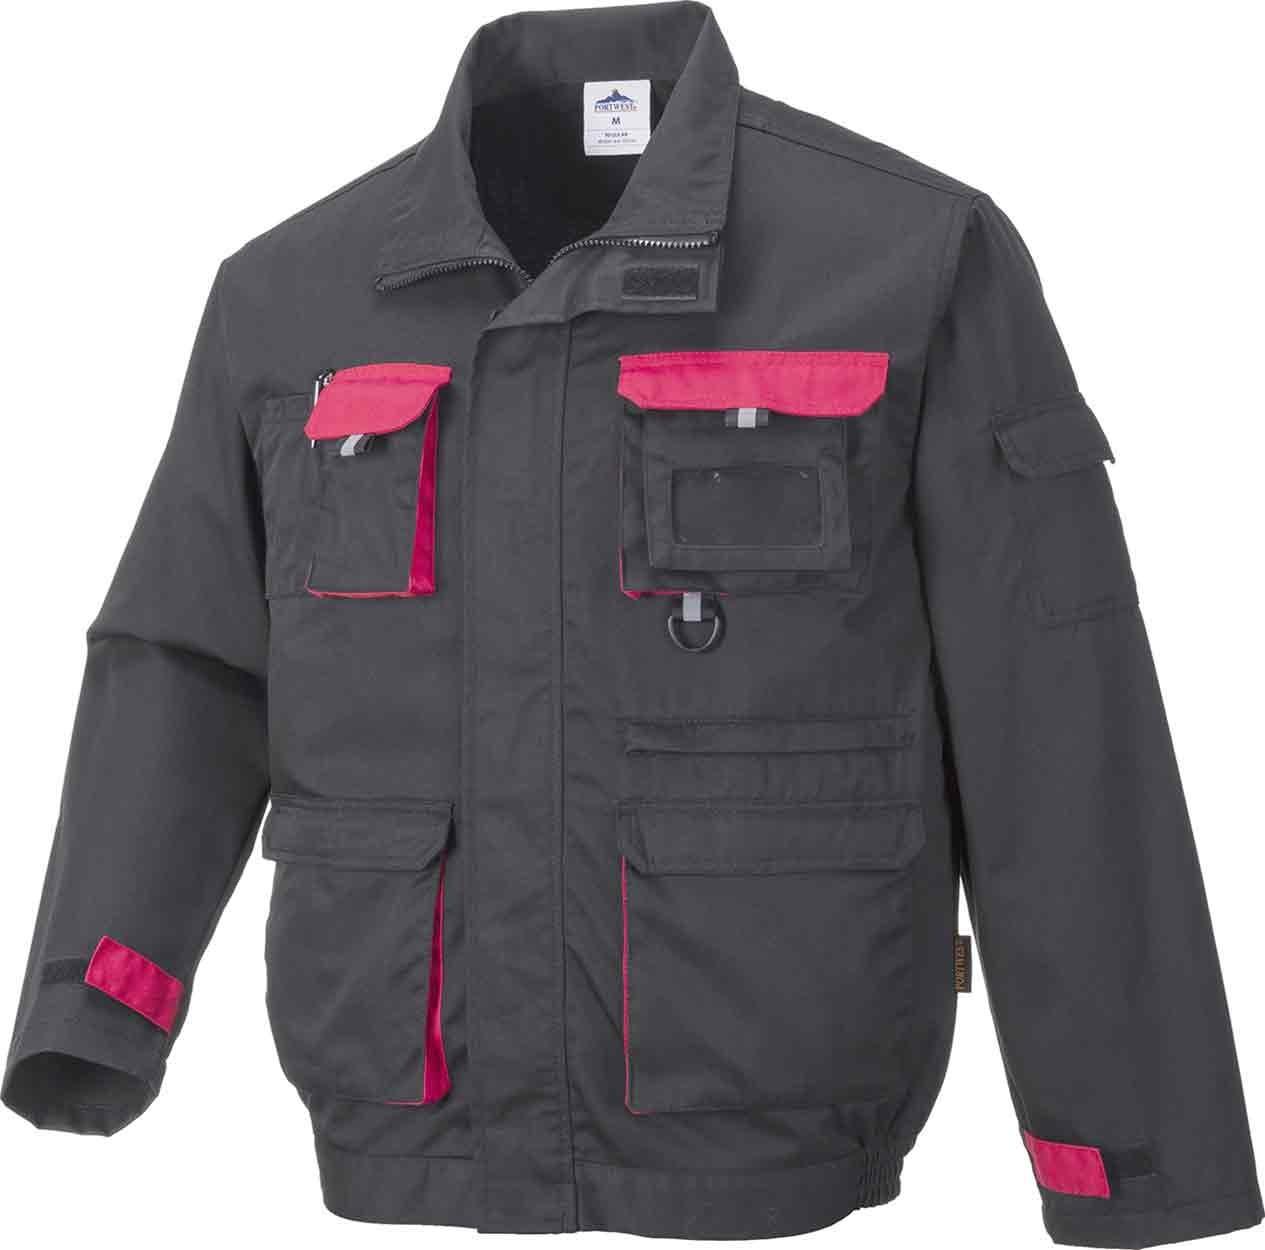 - Black TX10 M Portwest Contrast Jacket